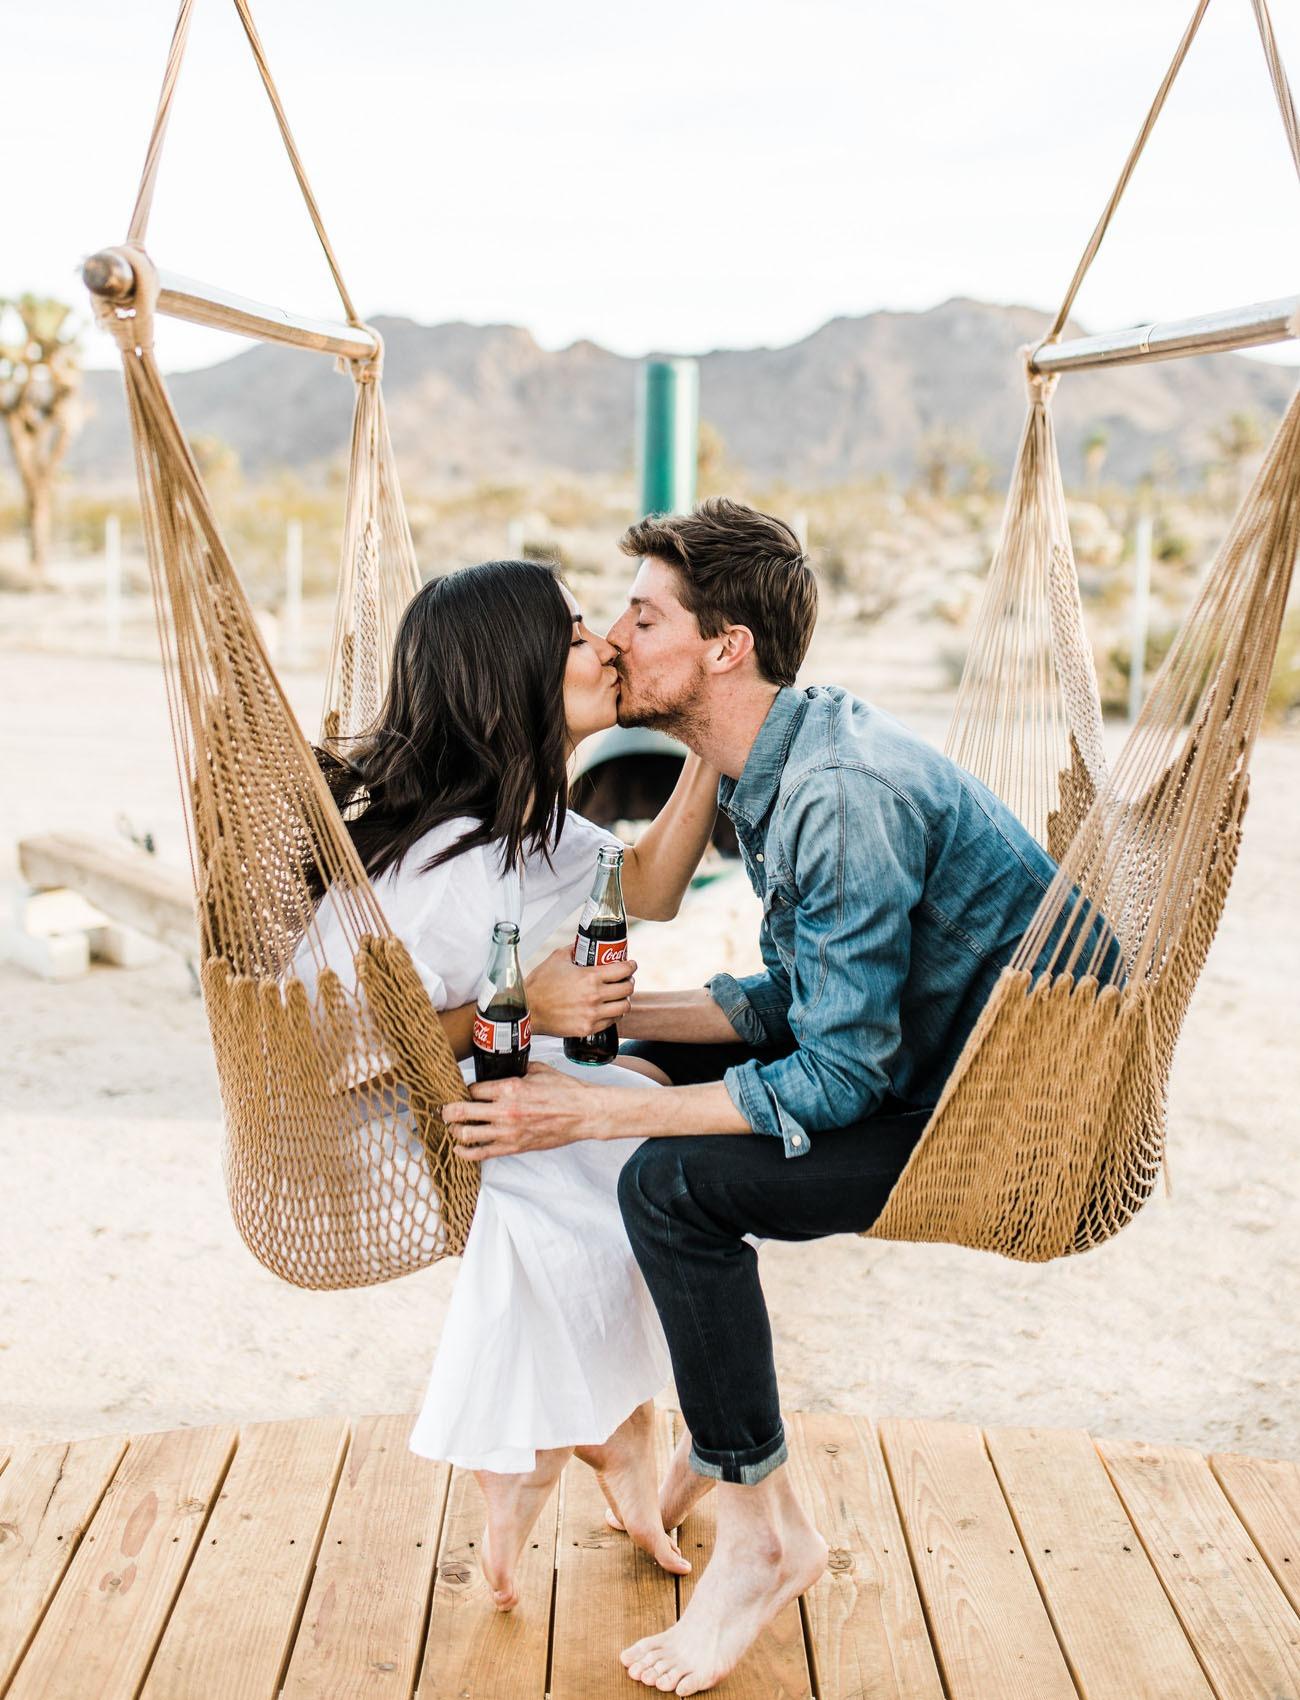 best honeymoon destinations in the US